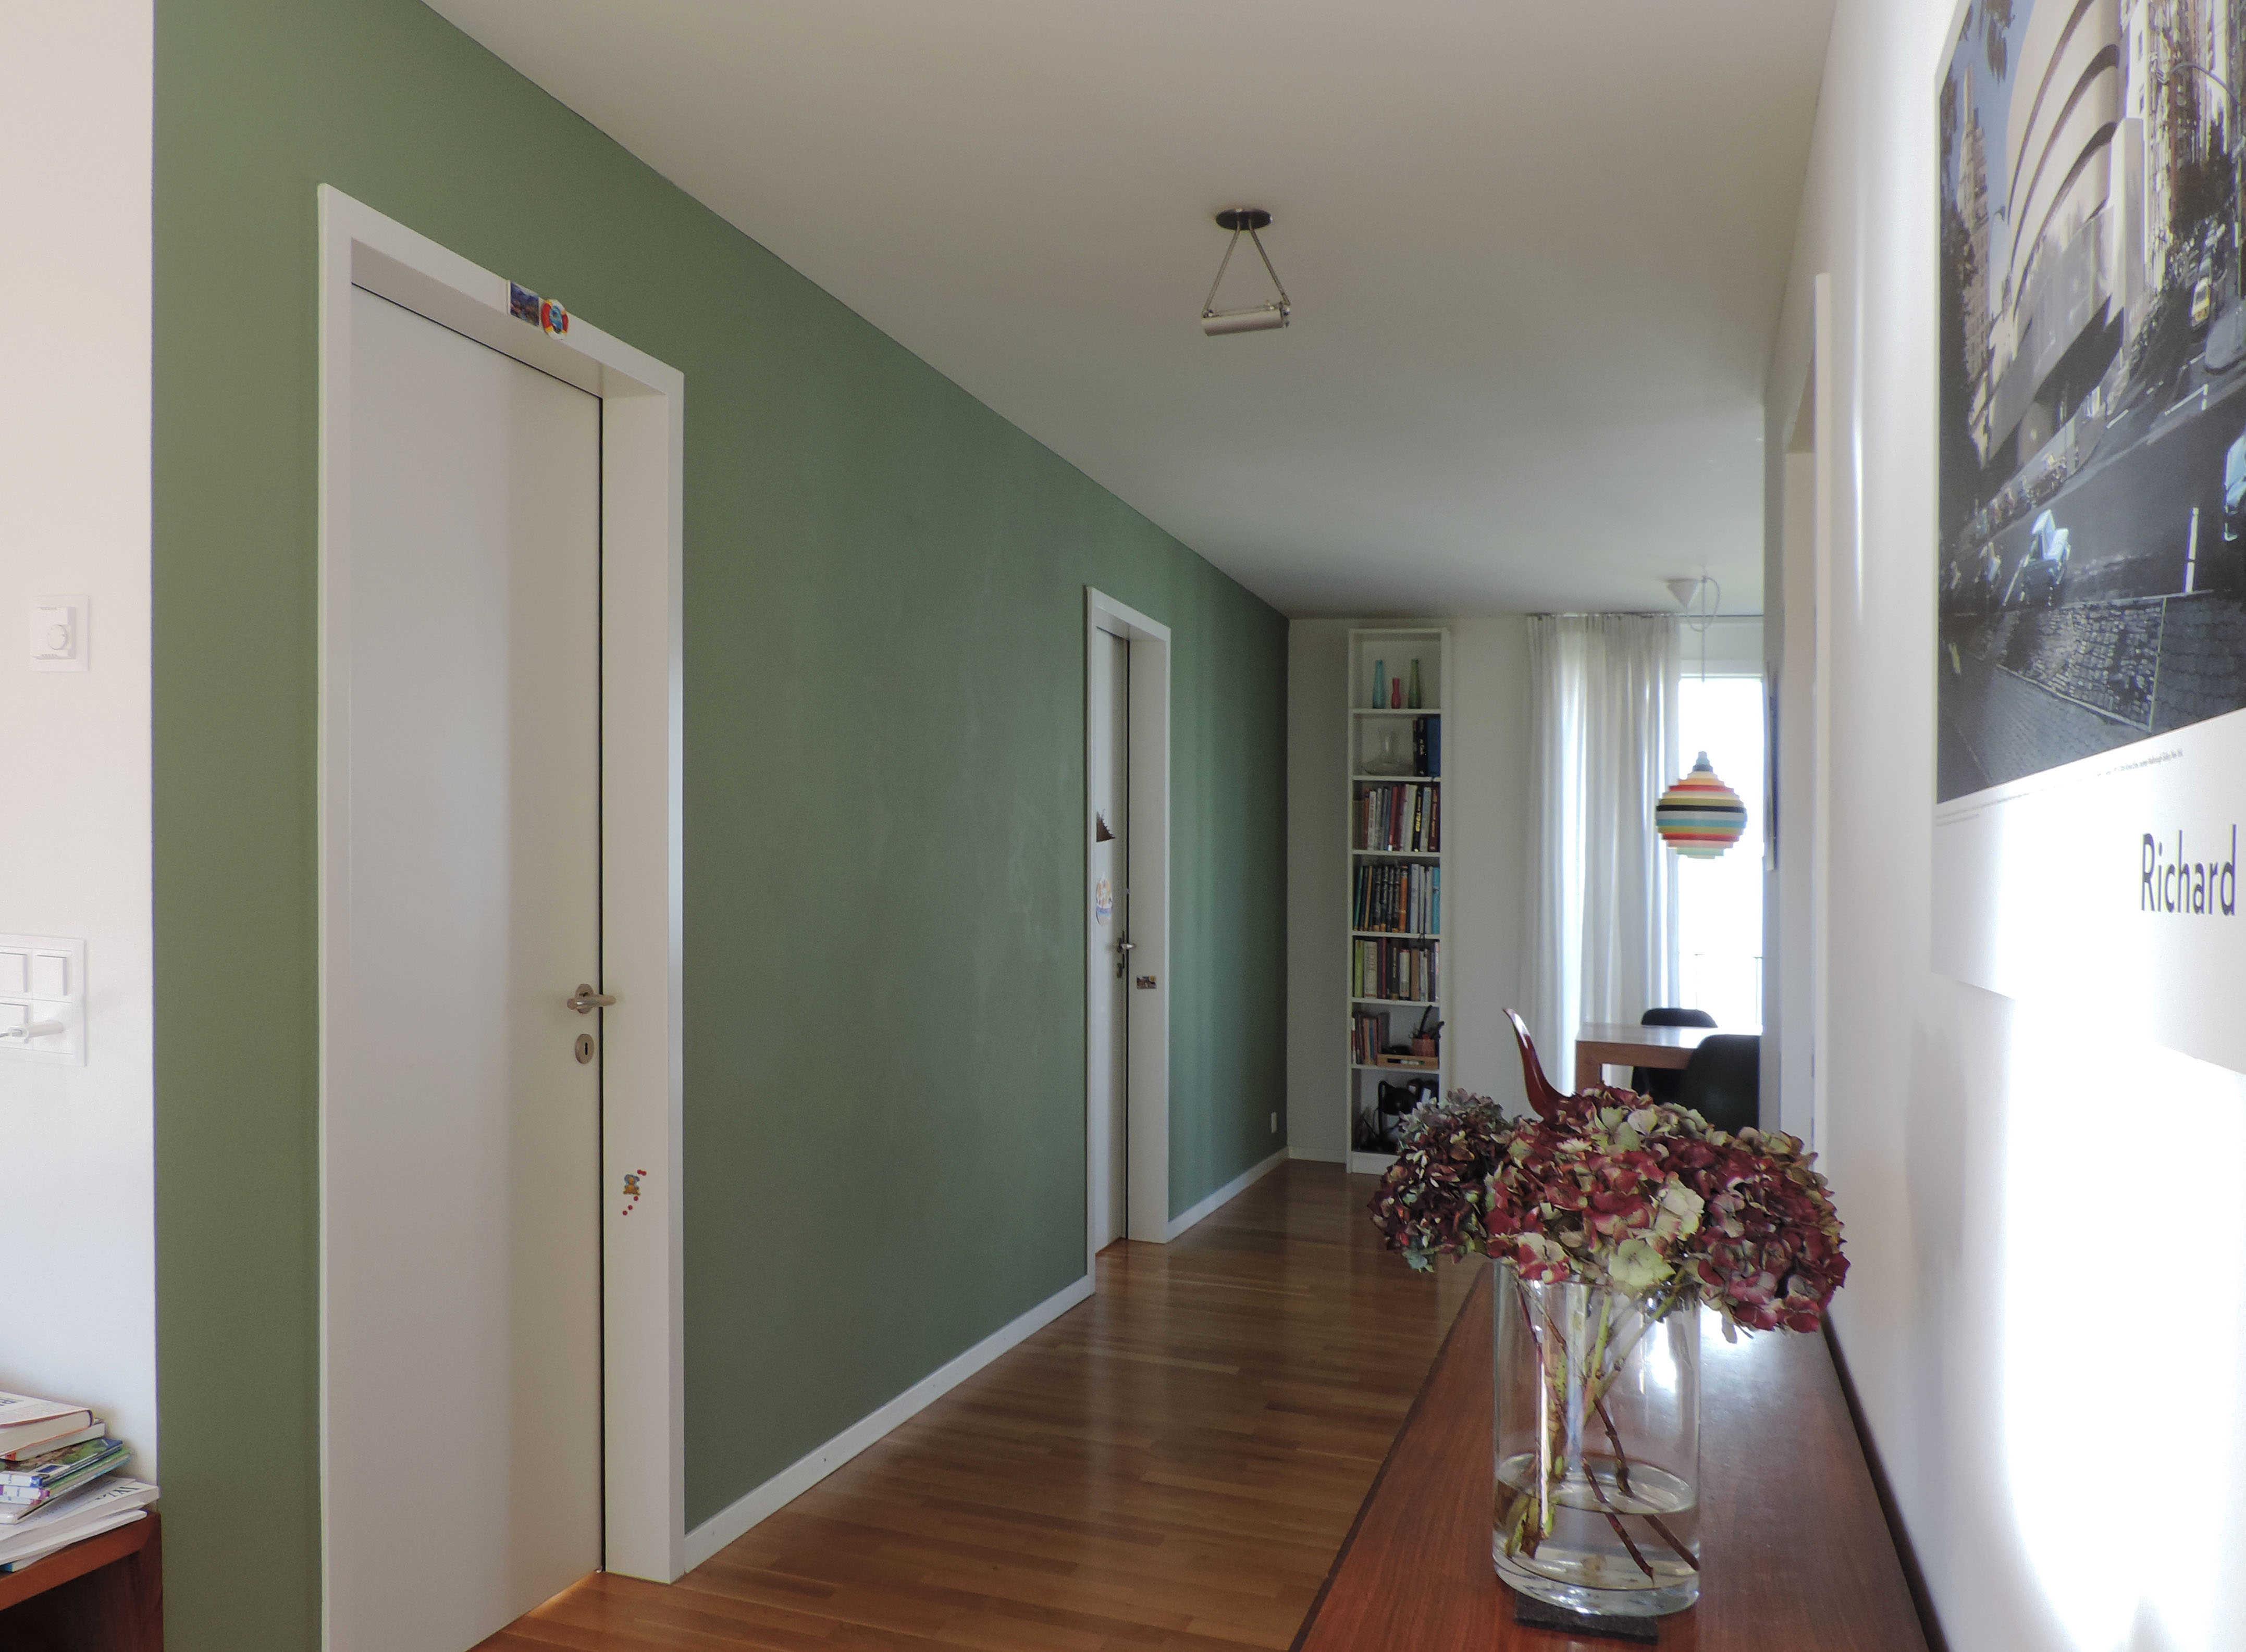 Farbintensiv farbgestaltung - Farbgestaltung esszimmer ...